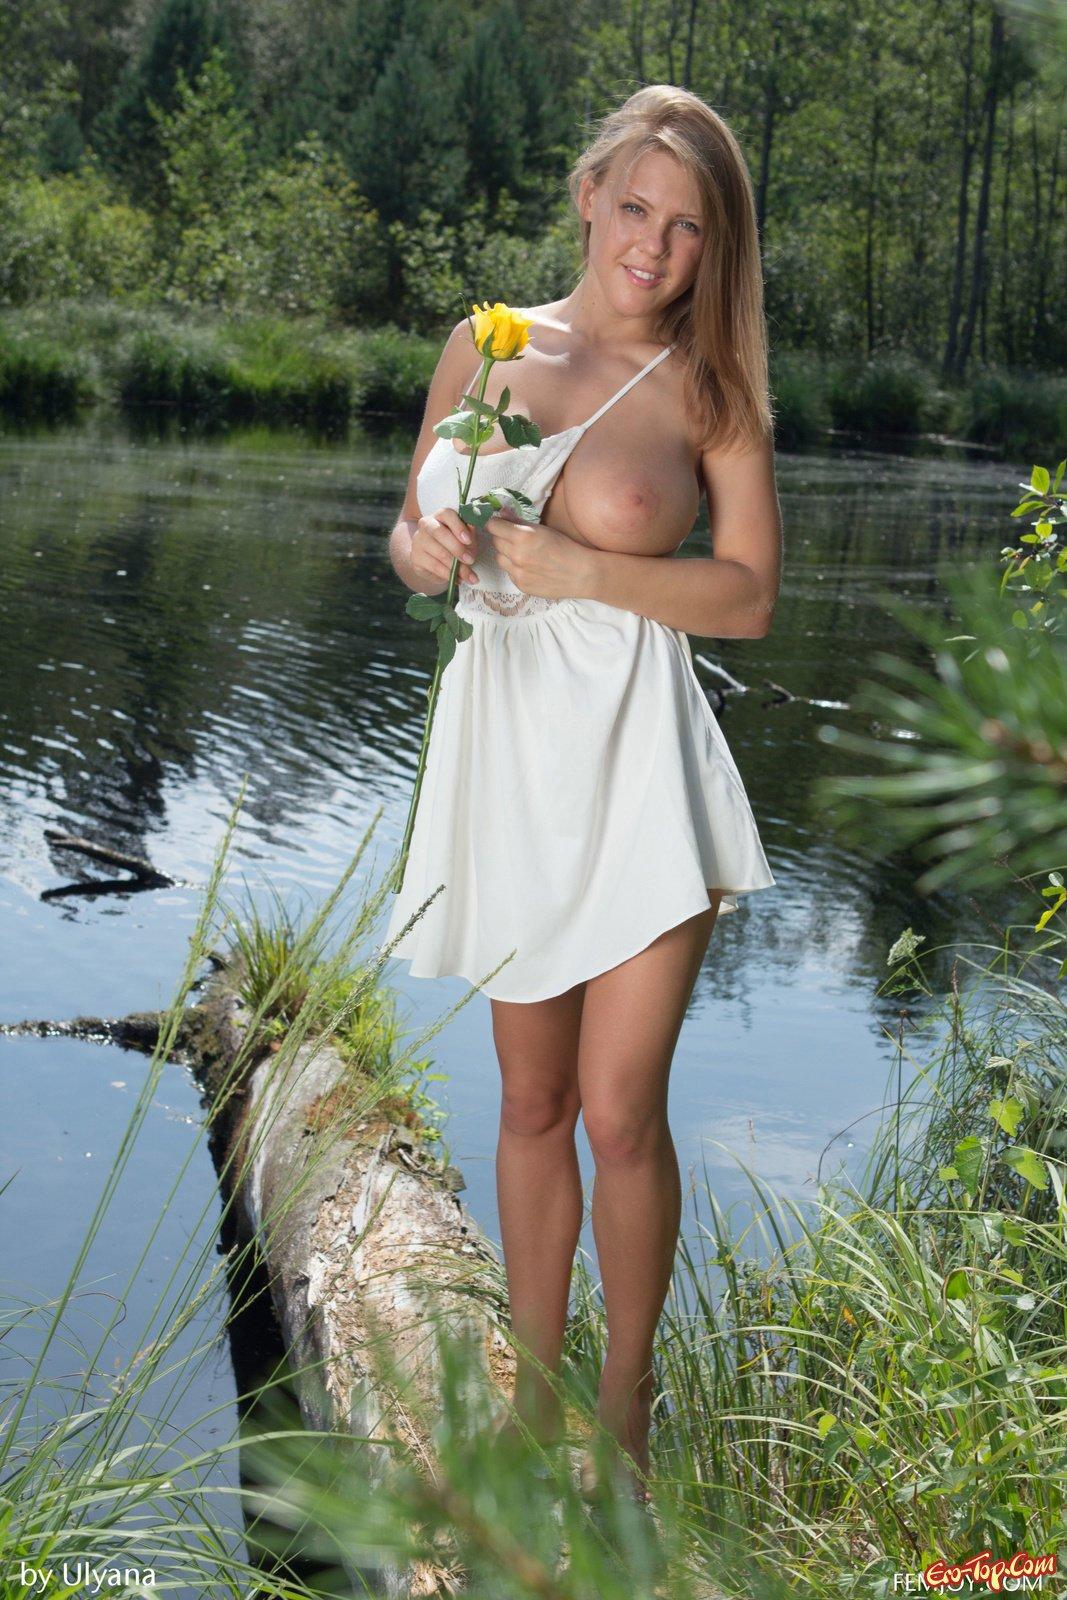 Блондиночка с большой грудью фотографируется рядом с озером